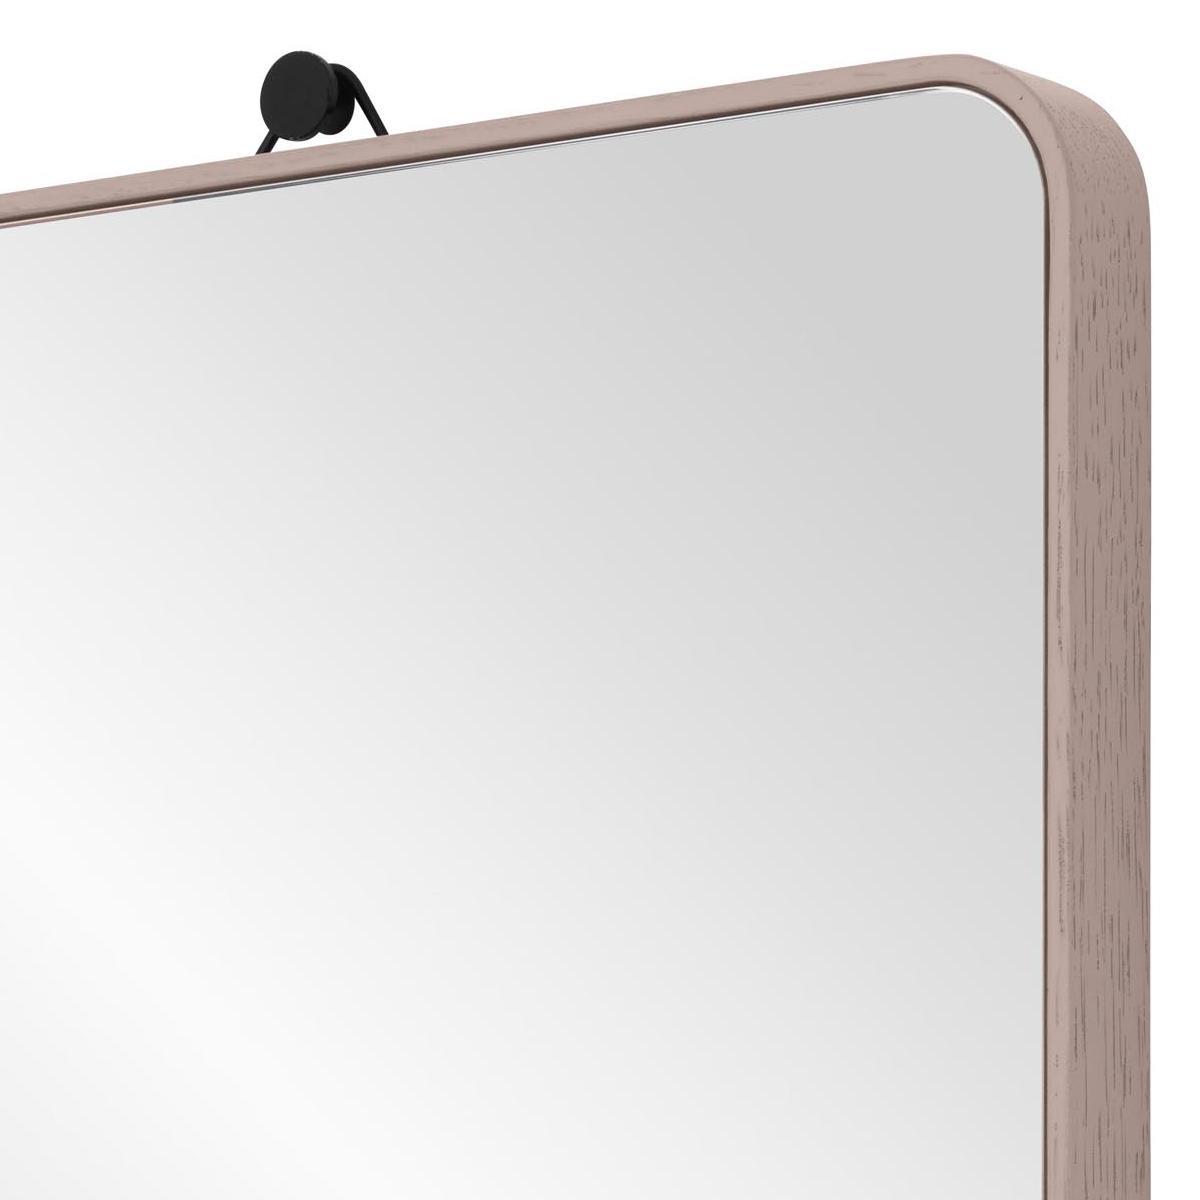 VIEW Spiegel kieselstein mit gebogenen Ecken